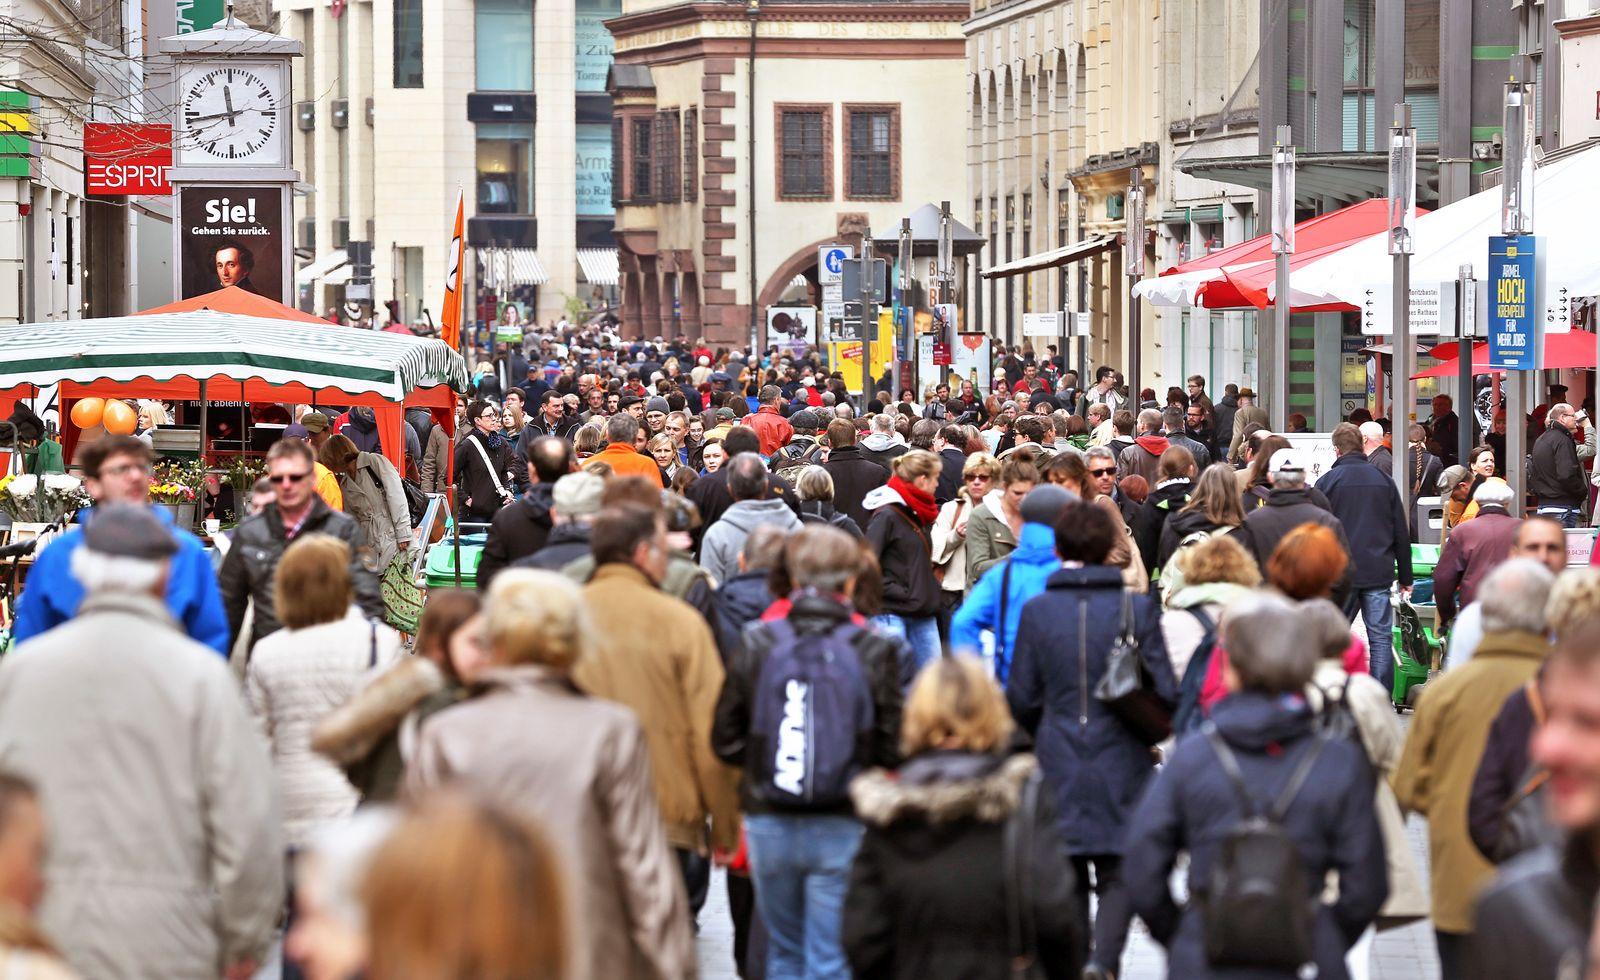 Passanten / Fußgängerzone / Deutschland / Zuwanderer / Zuwanderung